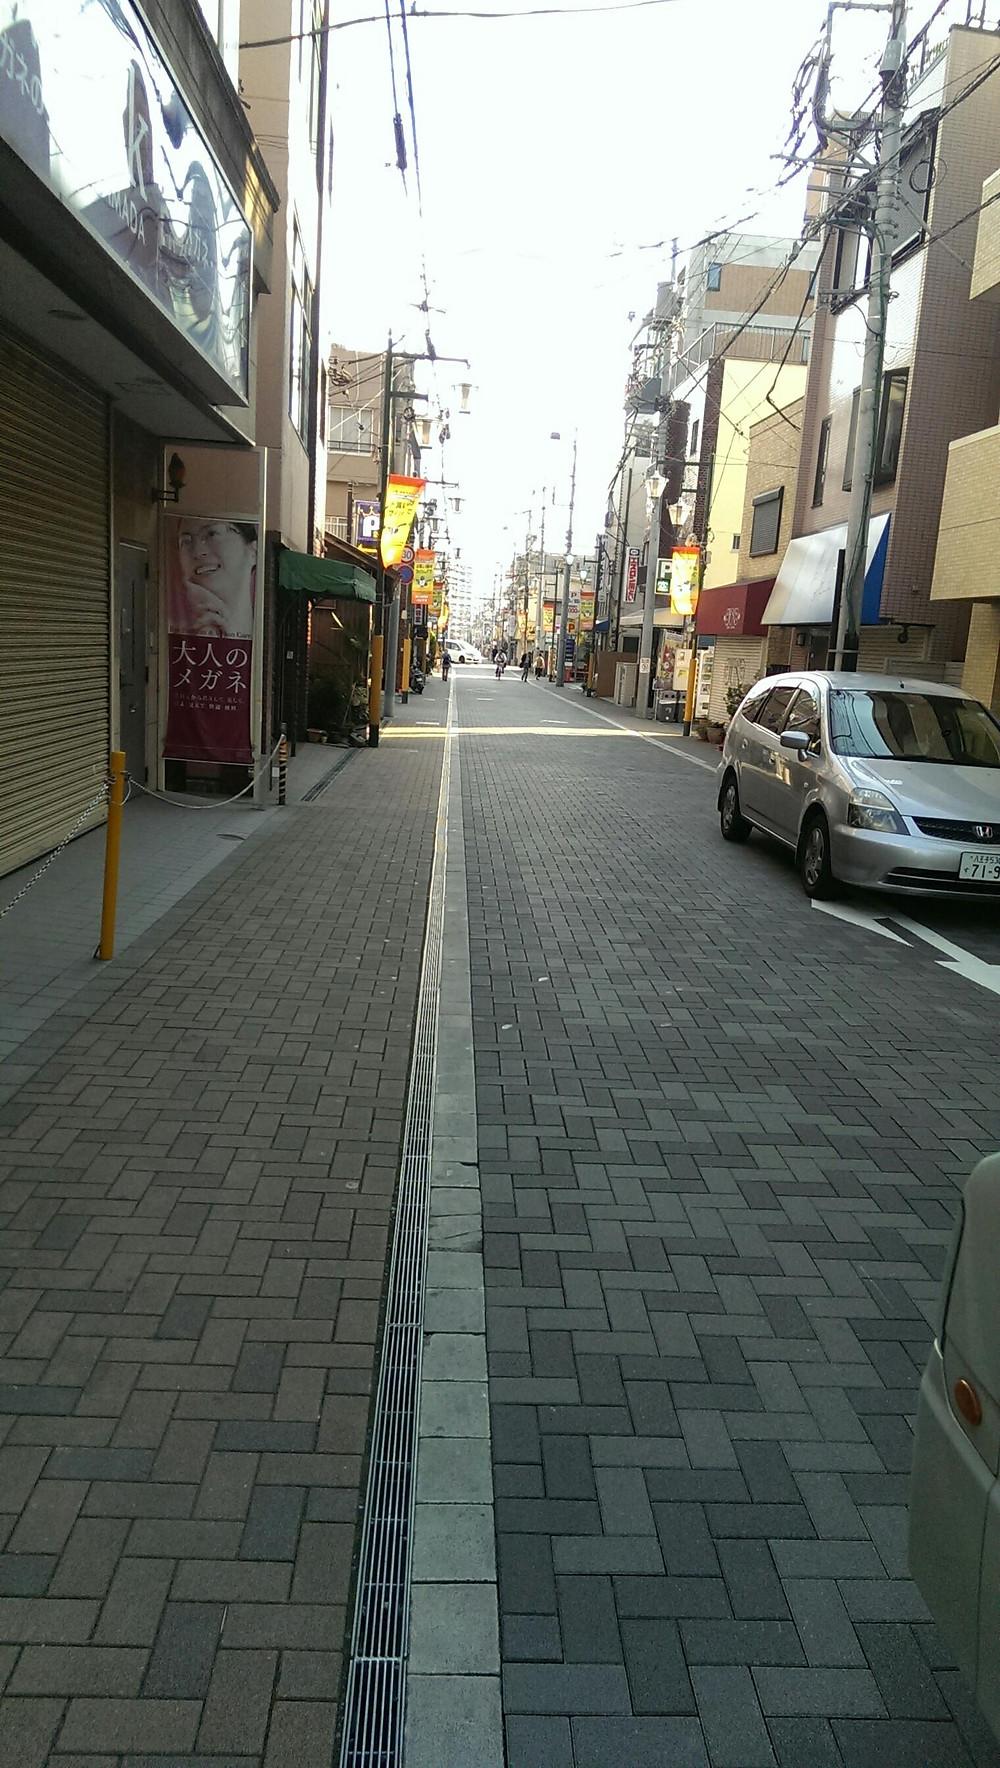 image:58277